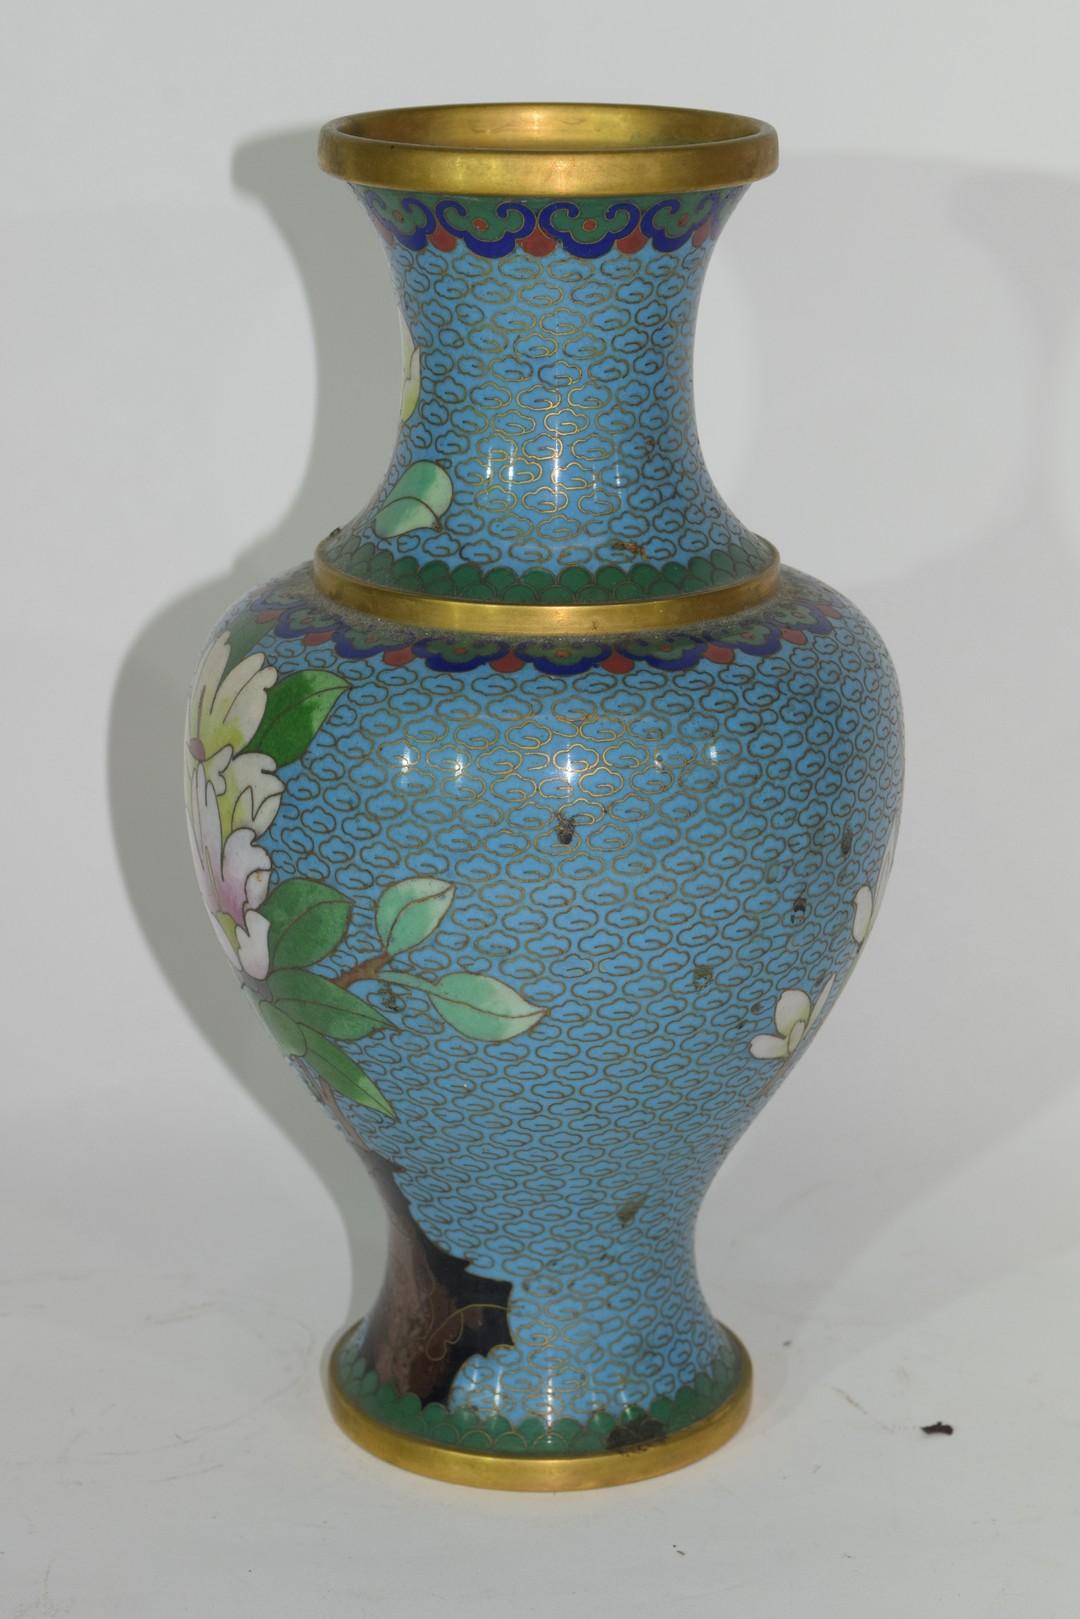 Cloisonne vase - Image 2 of 4